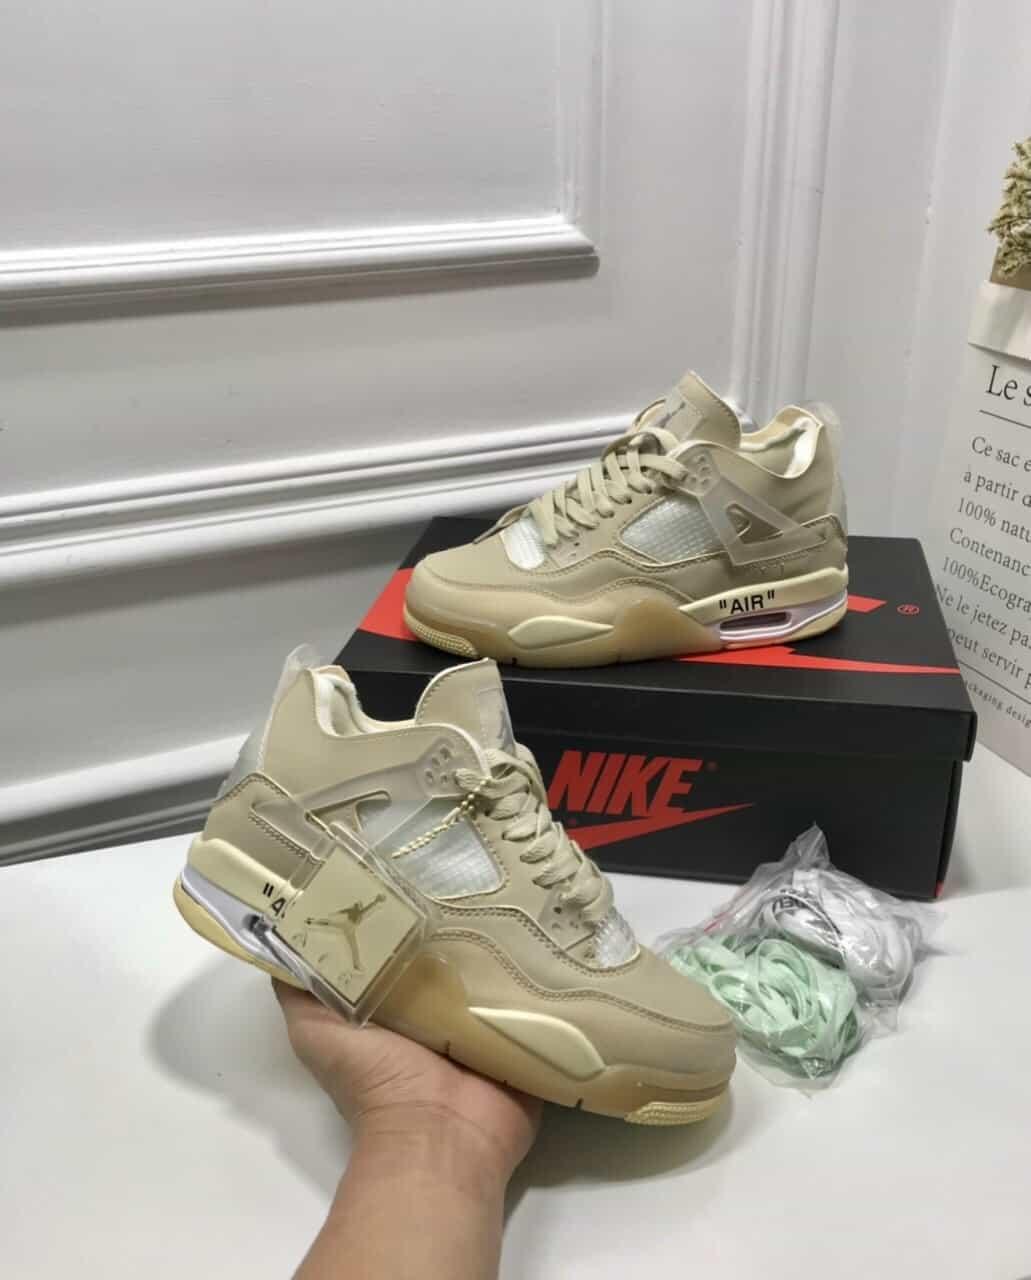 Sản phẩm giày chất lượng, đảm bảo mang đến sự an toàn cho sức khỏe của bạn